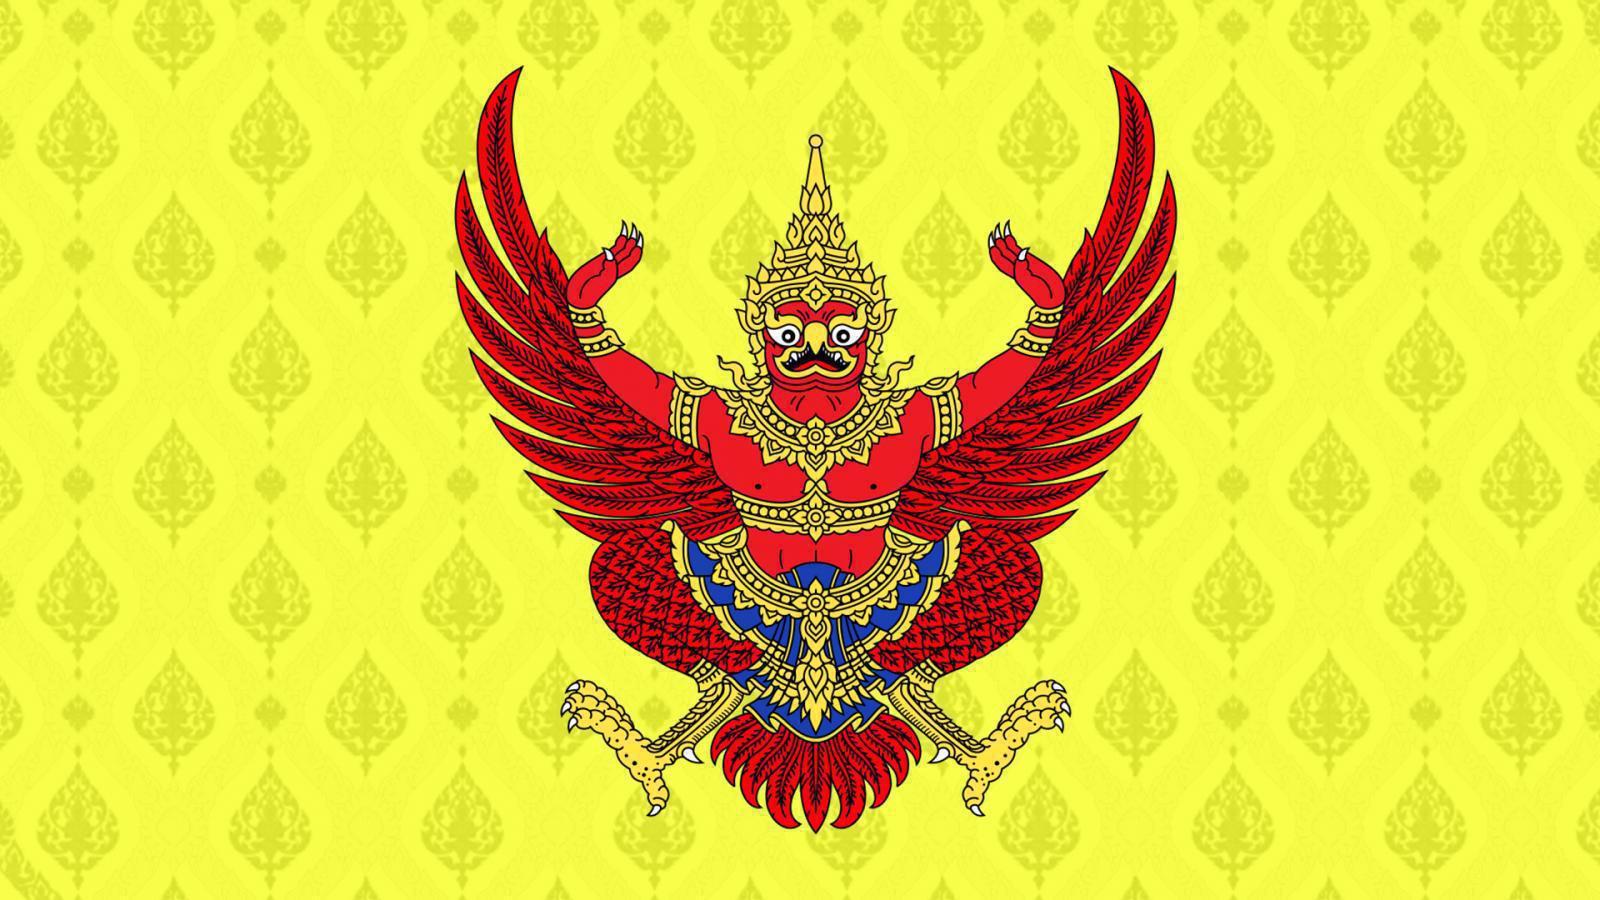 พระบรมราชโองการโปรดเกล้าฯ ถอดยศ 4 นายทหาร ต้องอาญา ทุจริต หนีทหาร